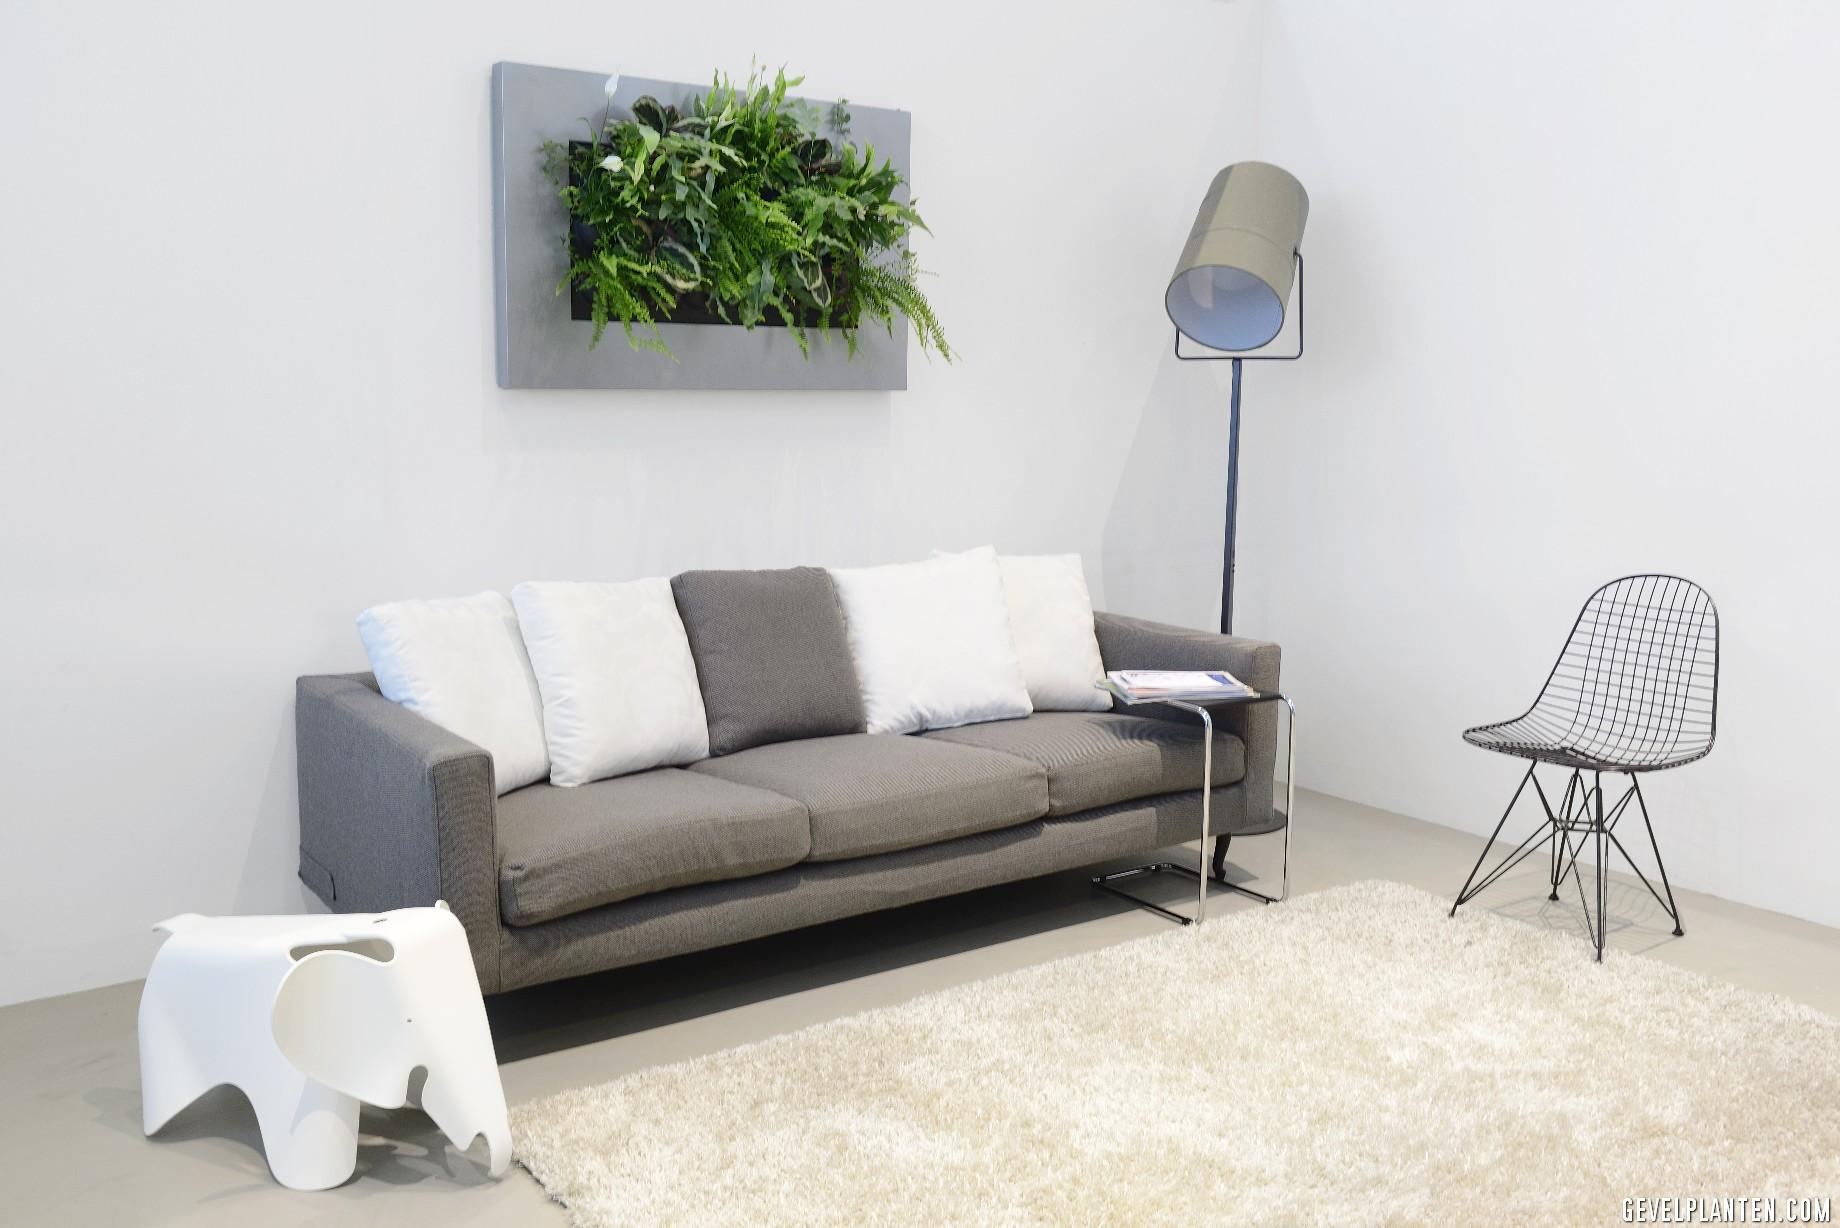 Verticale Tuin Woonkamer : Groene livingwall met planten gevelplanten.com